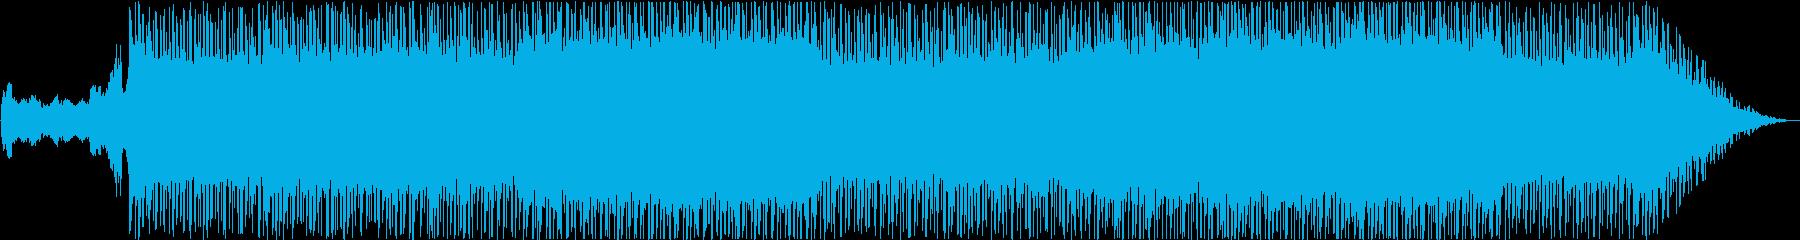 バイオリン&生演奏エレキギター戦闘曲の再生済みの波形